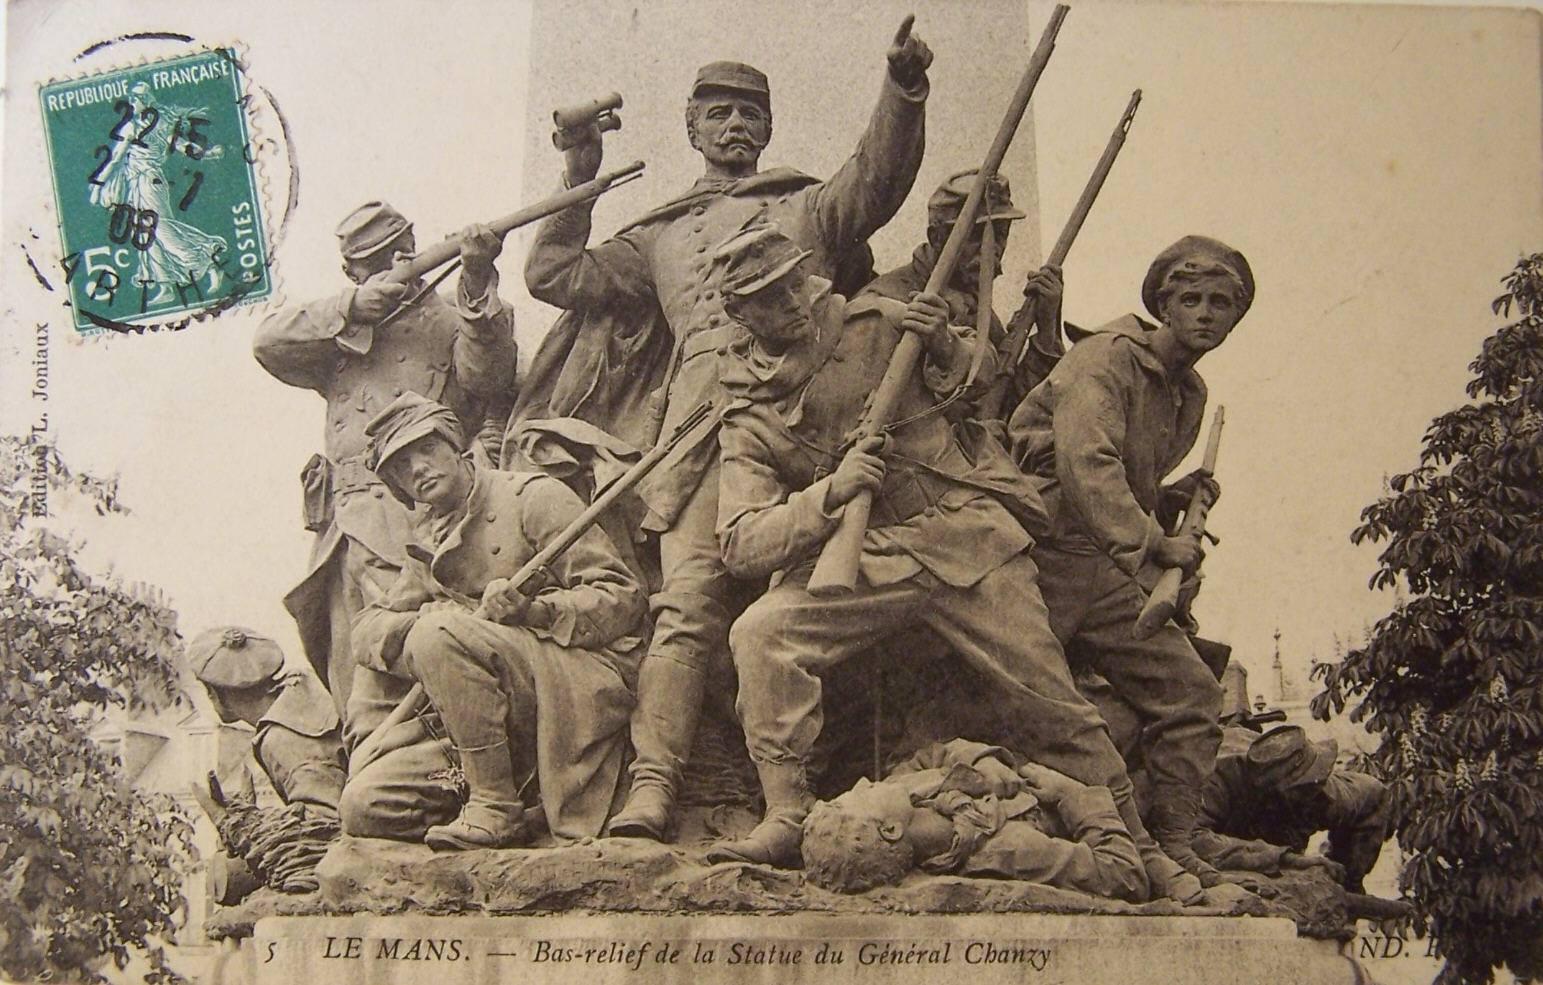 Le Mans - Statue - Bas relief de la Statue du Général Chanzy